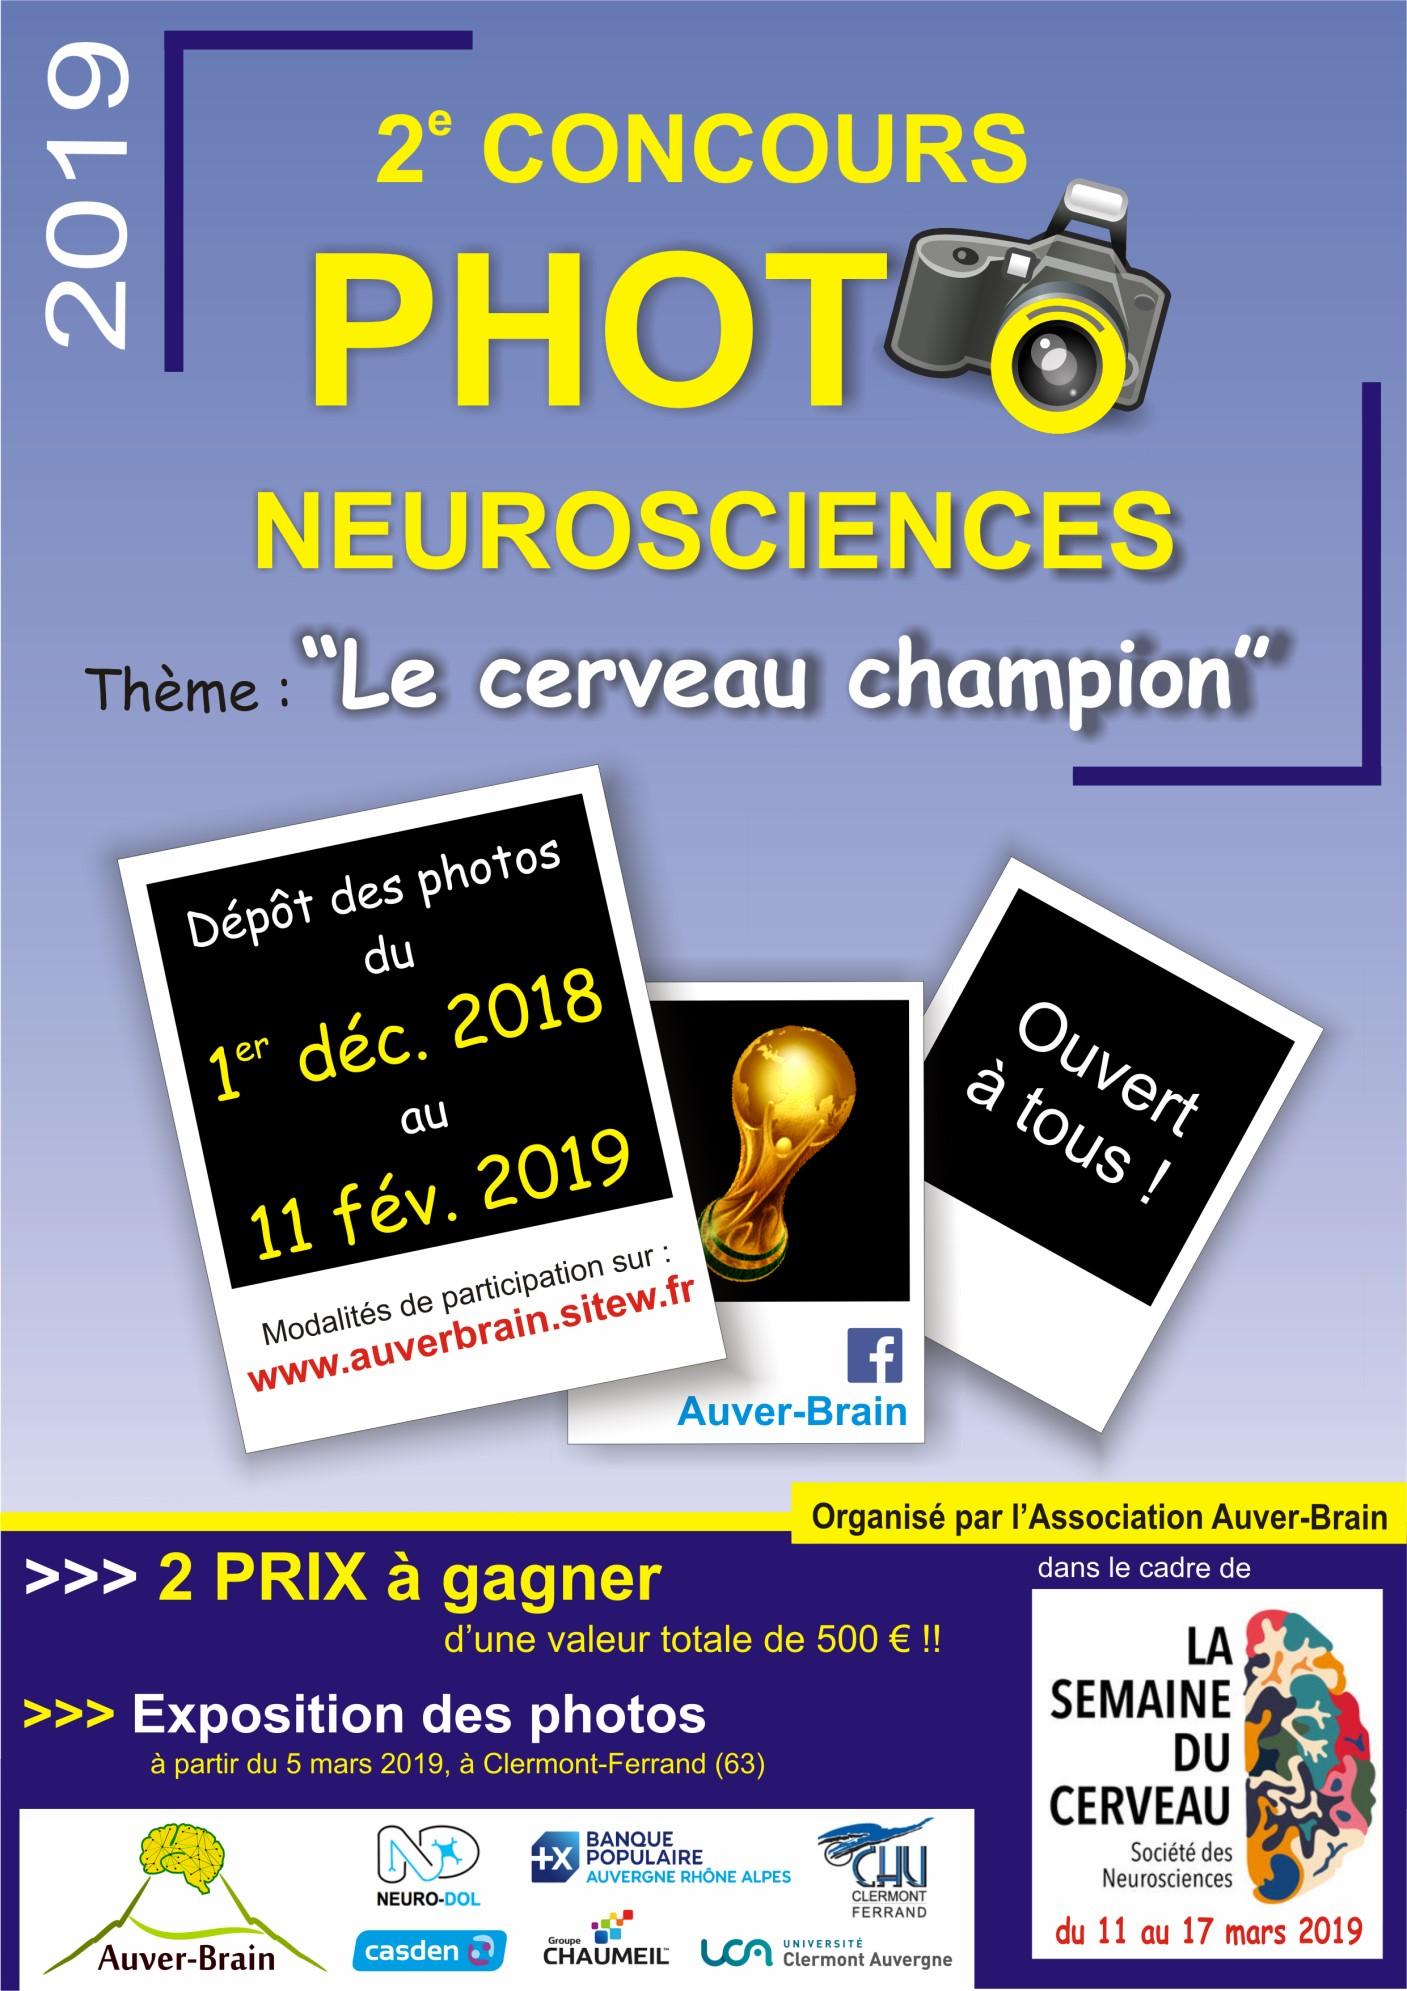 Le concours est ouvert du 1er décembre 2018 jusqu'au 11 février 2019 à minuit.